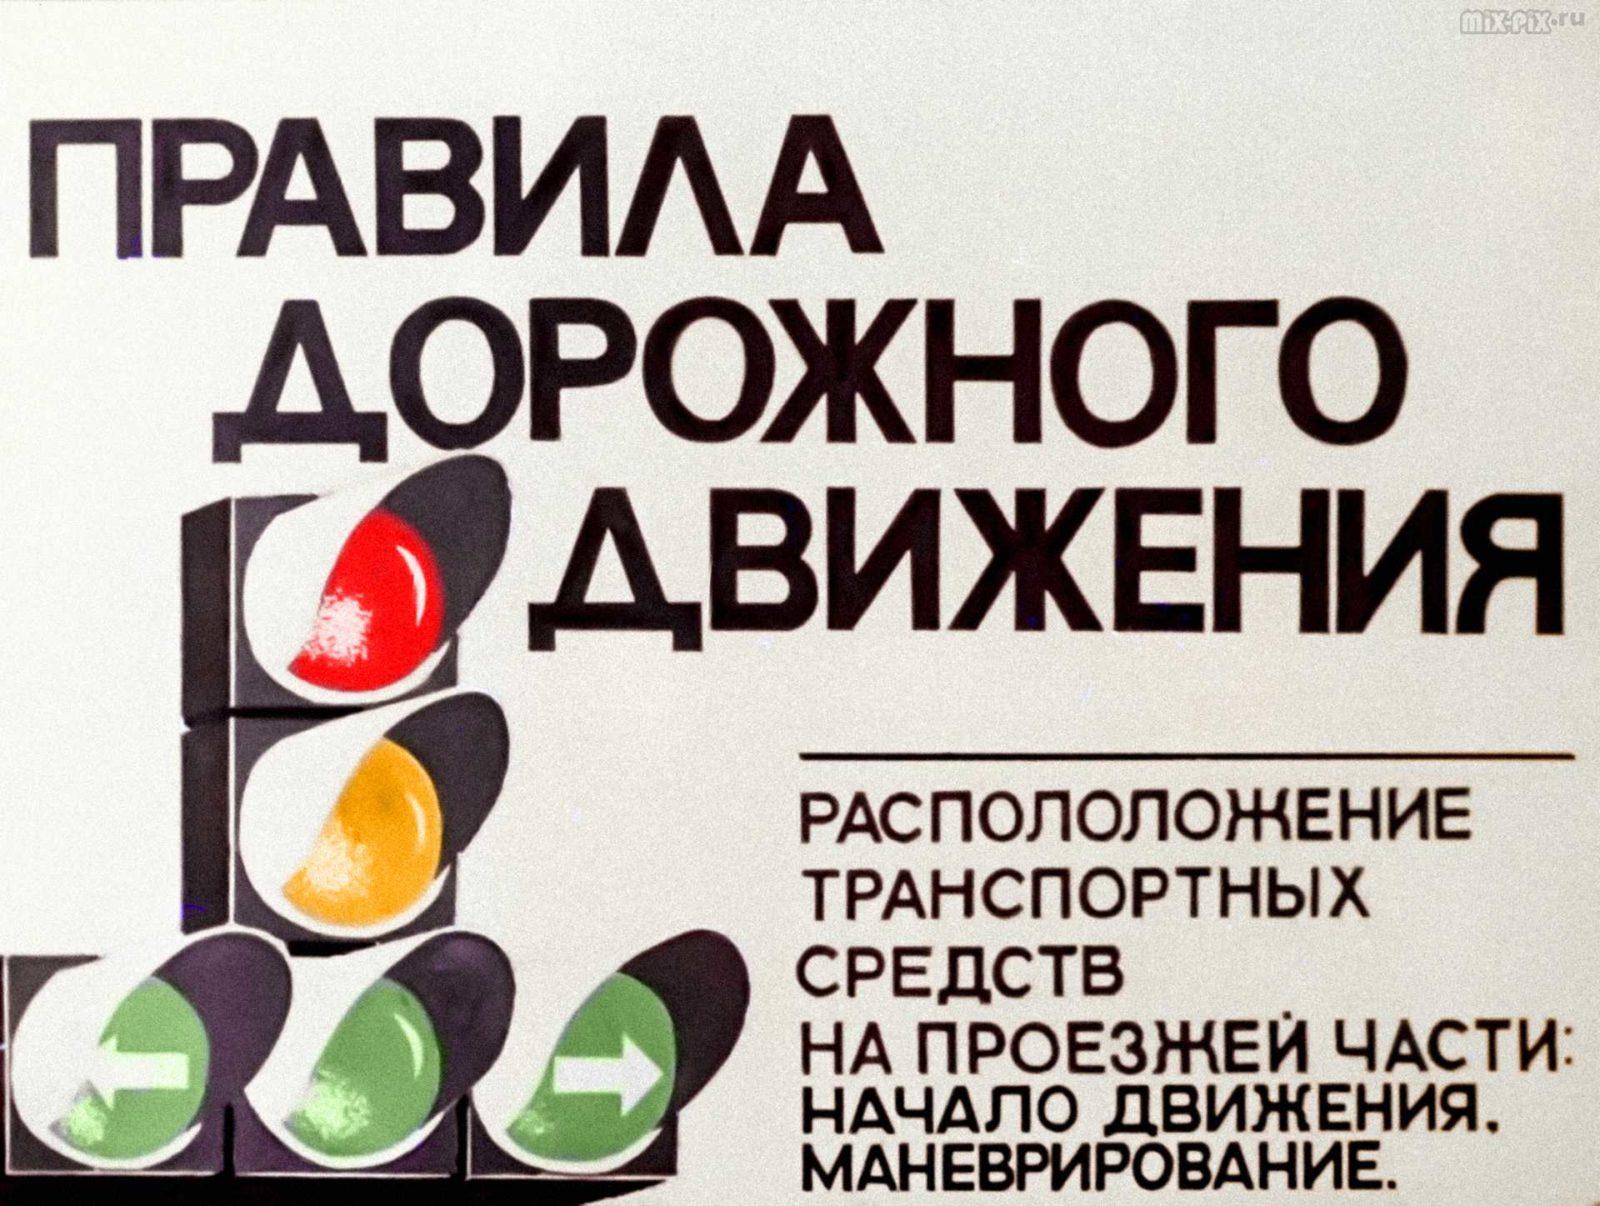 Правила дорожного движения. Расположение транспортных средств на проезжей части. Начало движения. Маневрирование (1983) 30